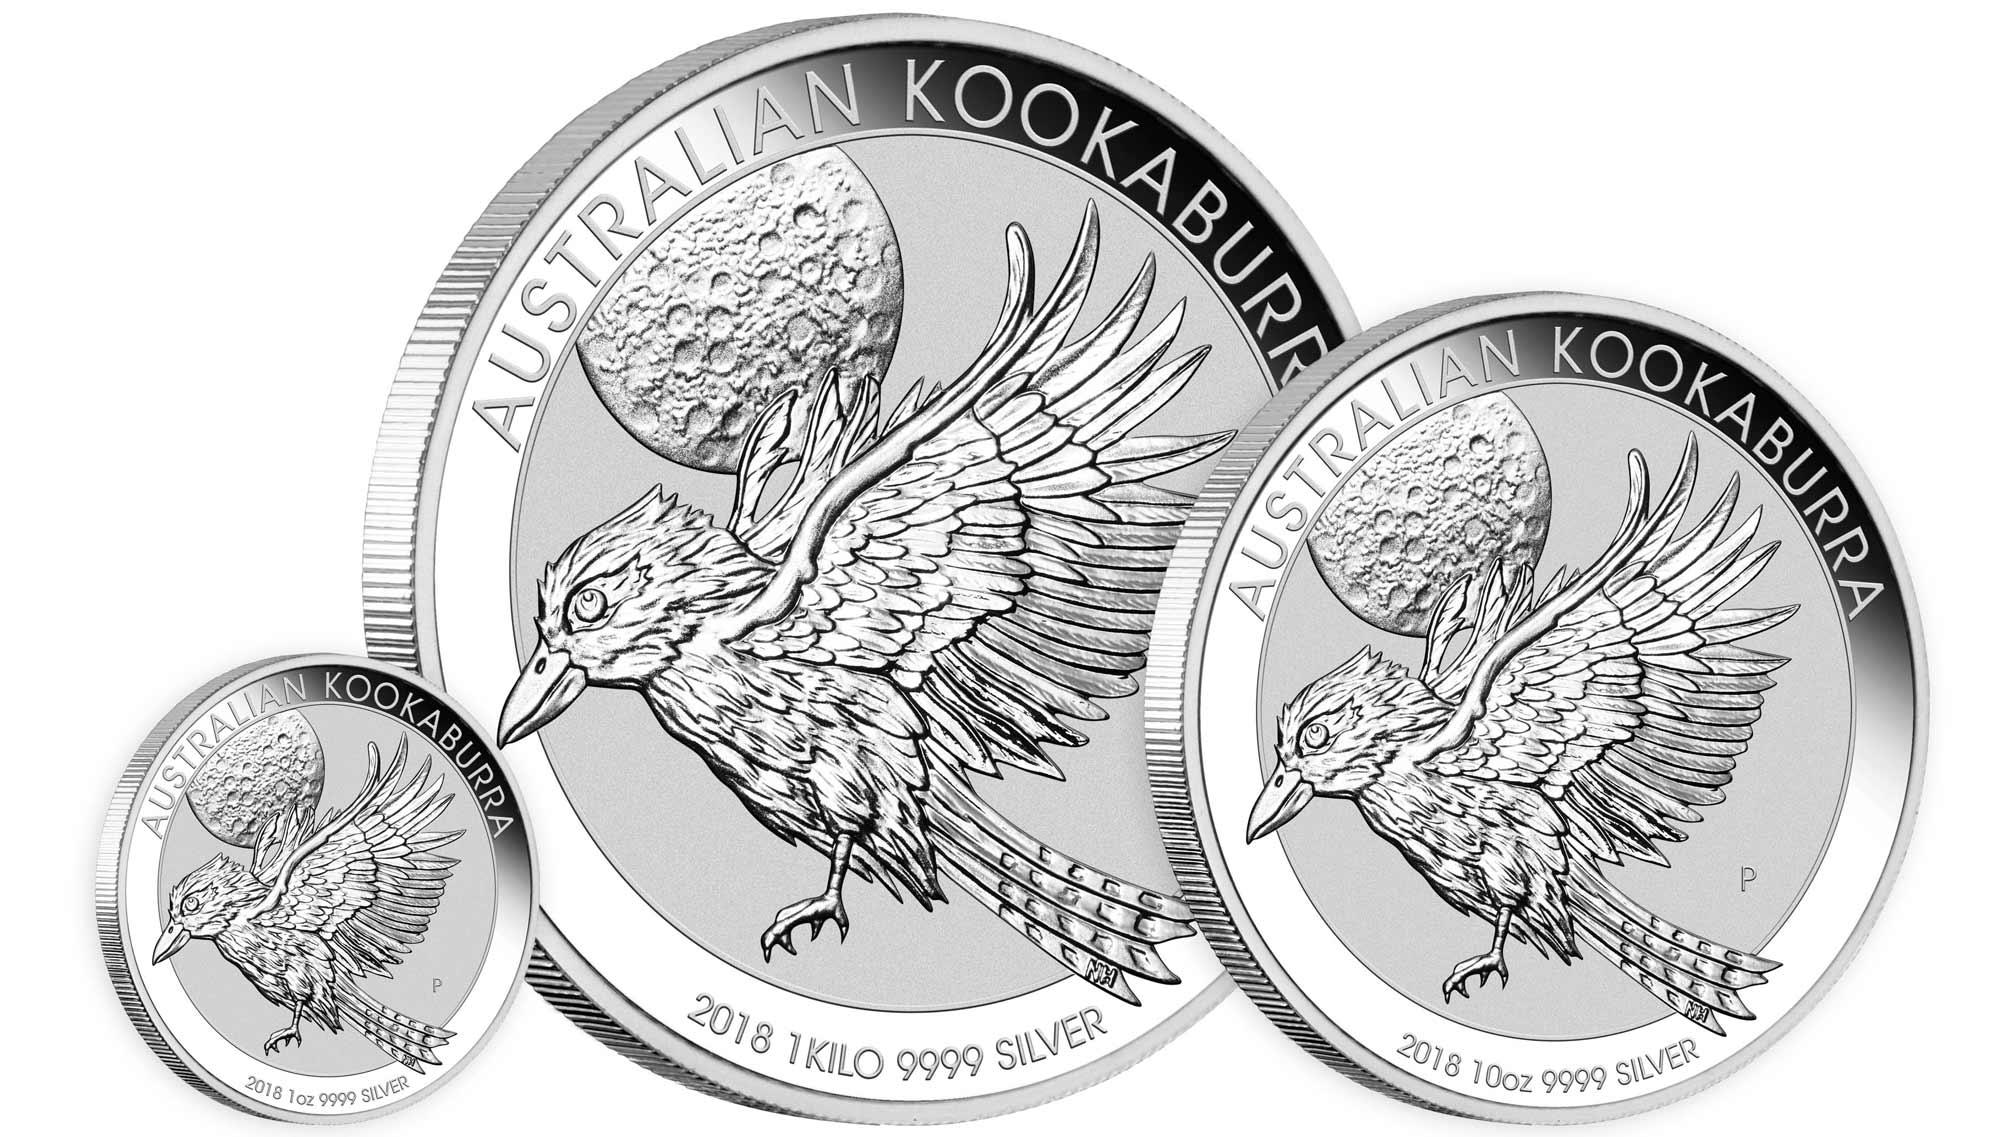 Image des trois pièces d'argent Kookaburra Australie 2018, 1 once, 10 onces et 1 kilo